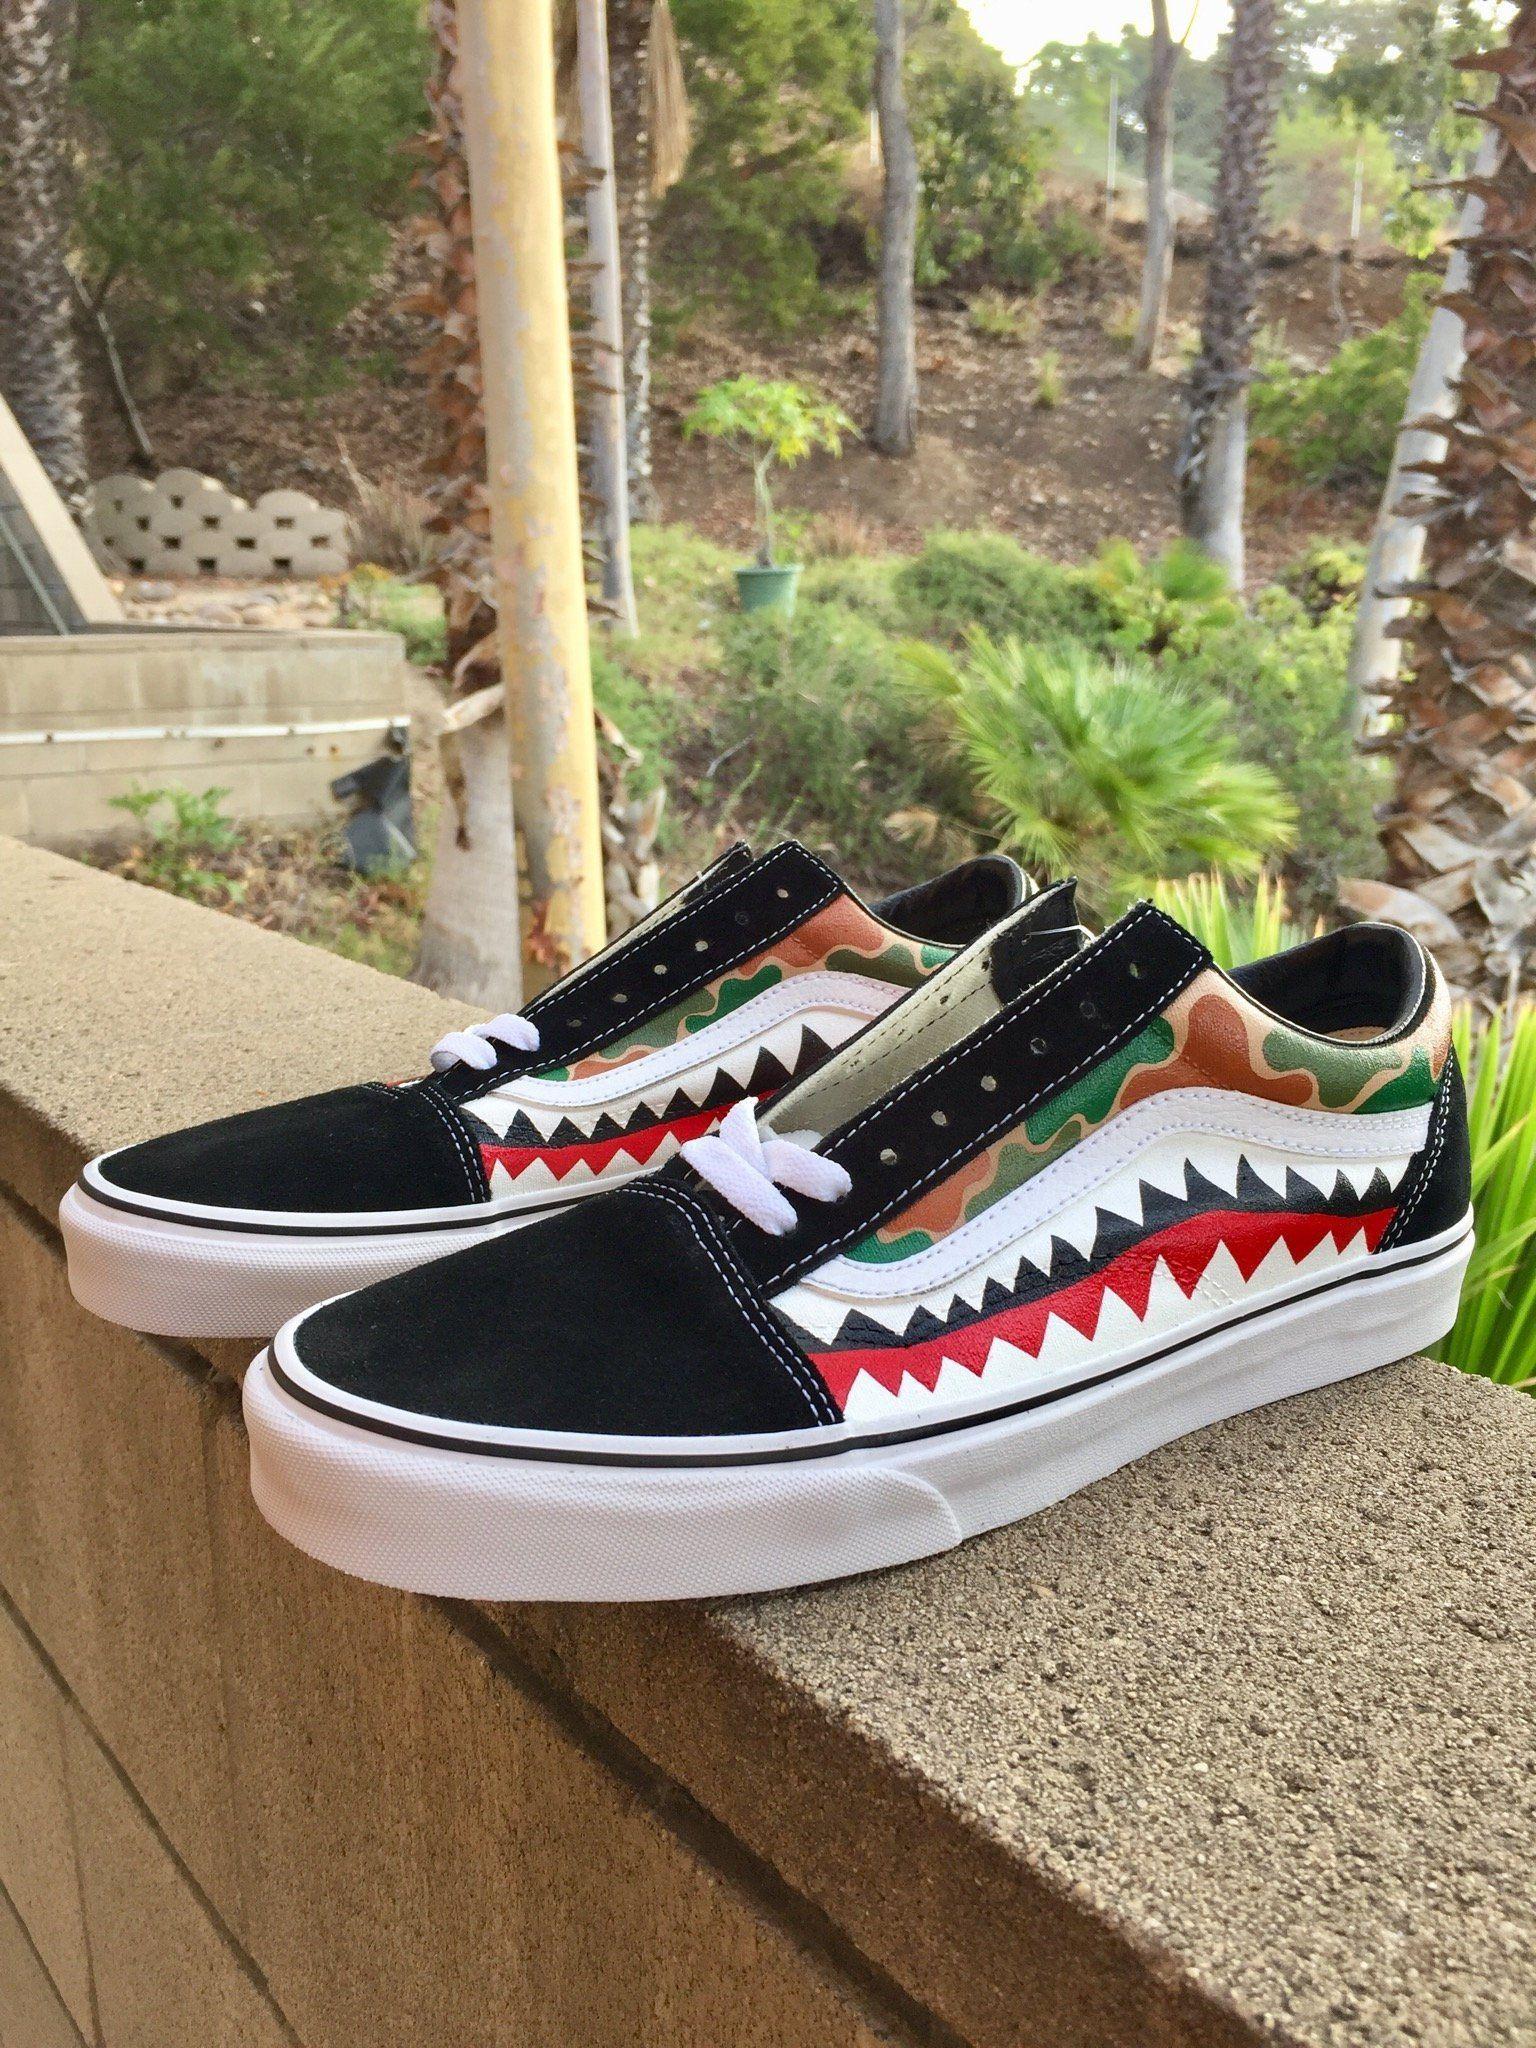 Camouflage Bape Teeth Vans Customs Custom Vans Shoes Vans Old Skool Custom Sneakers Men Fashion